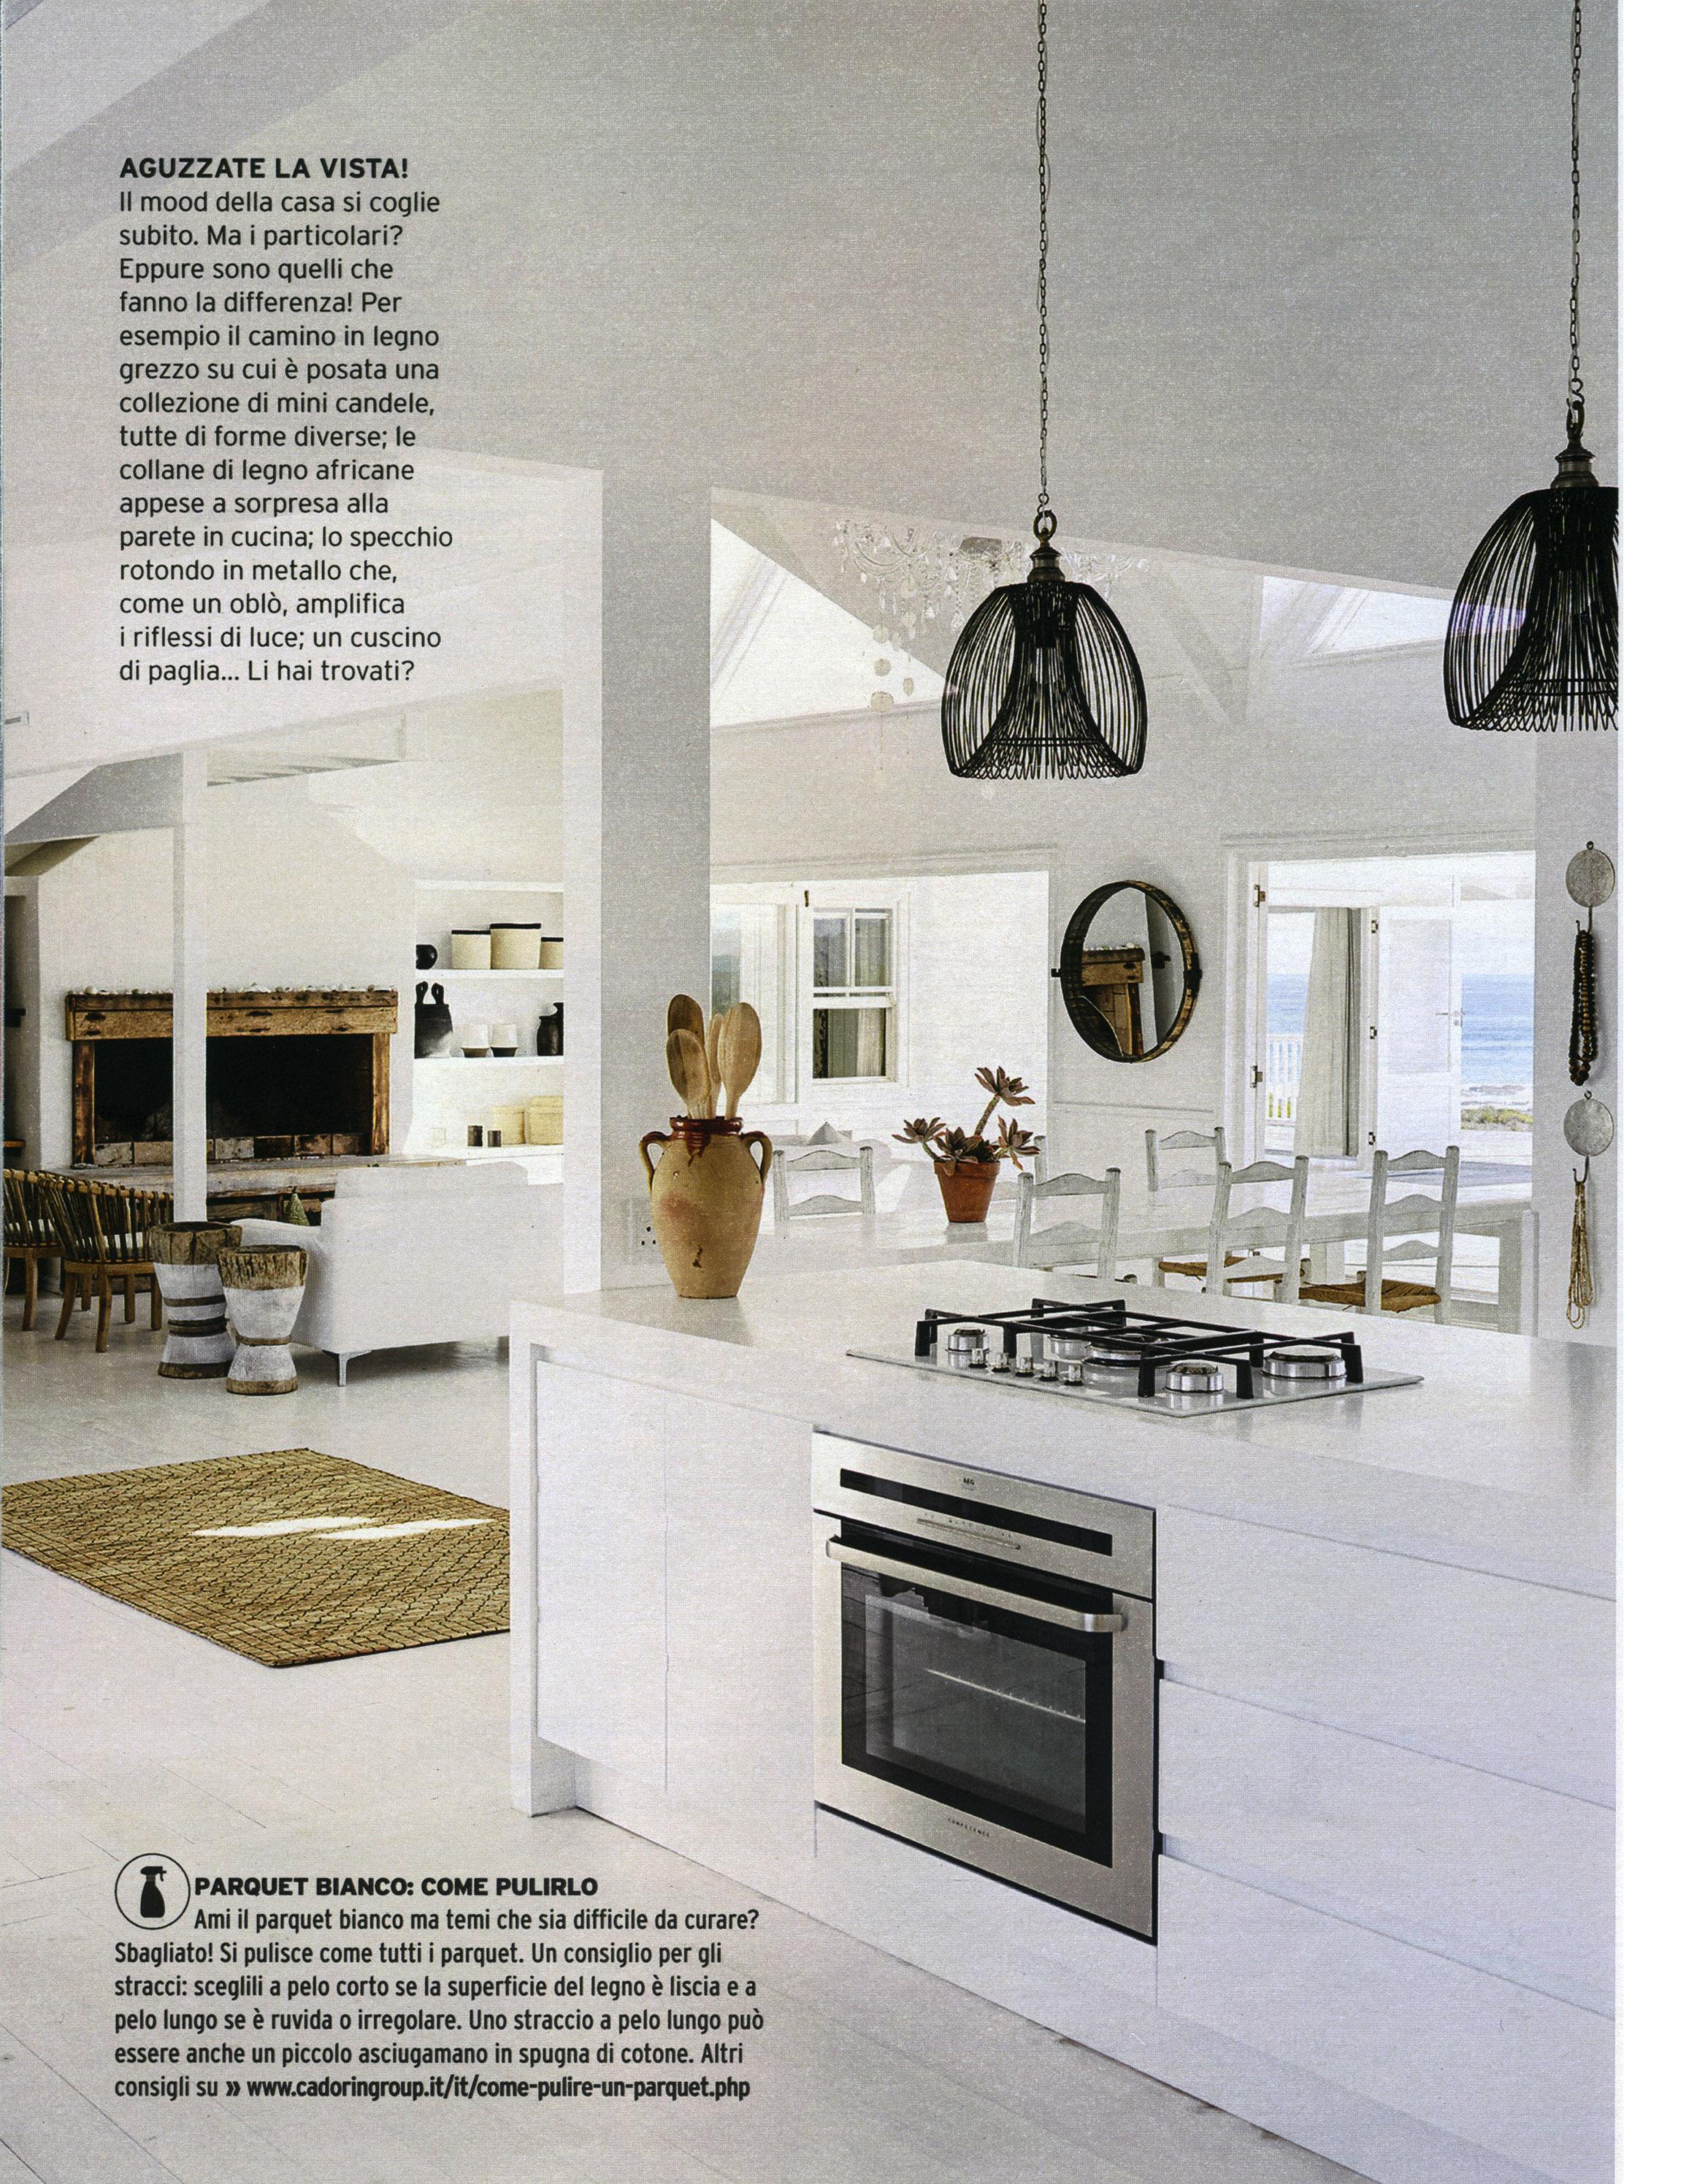 Lo Specchio In Cucina wooden parquet flooring decoration&design magazines august